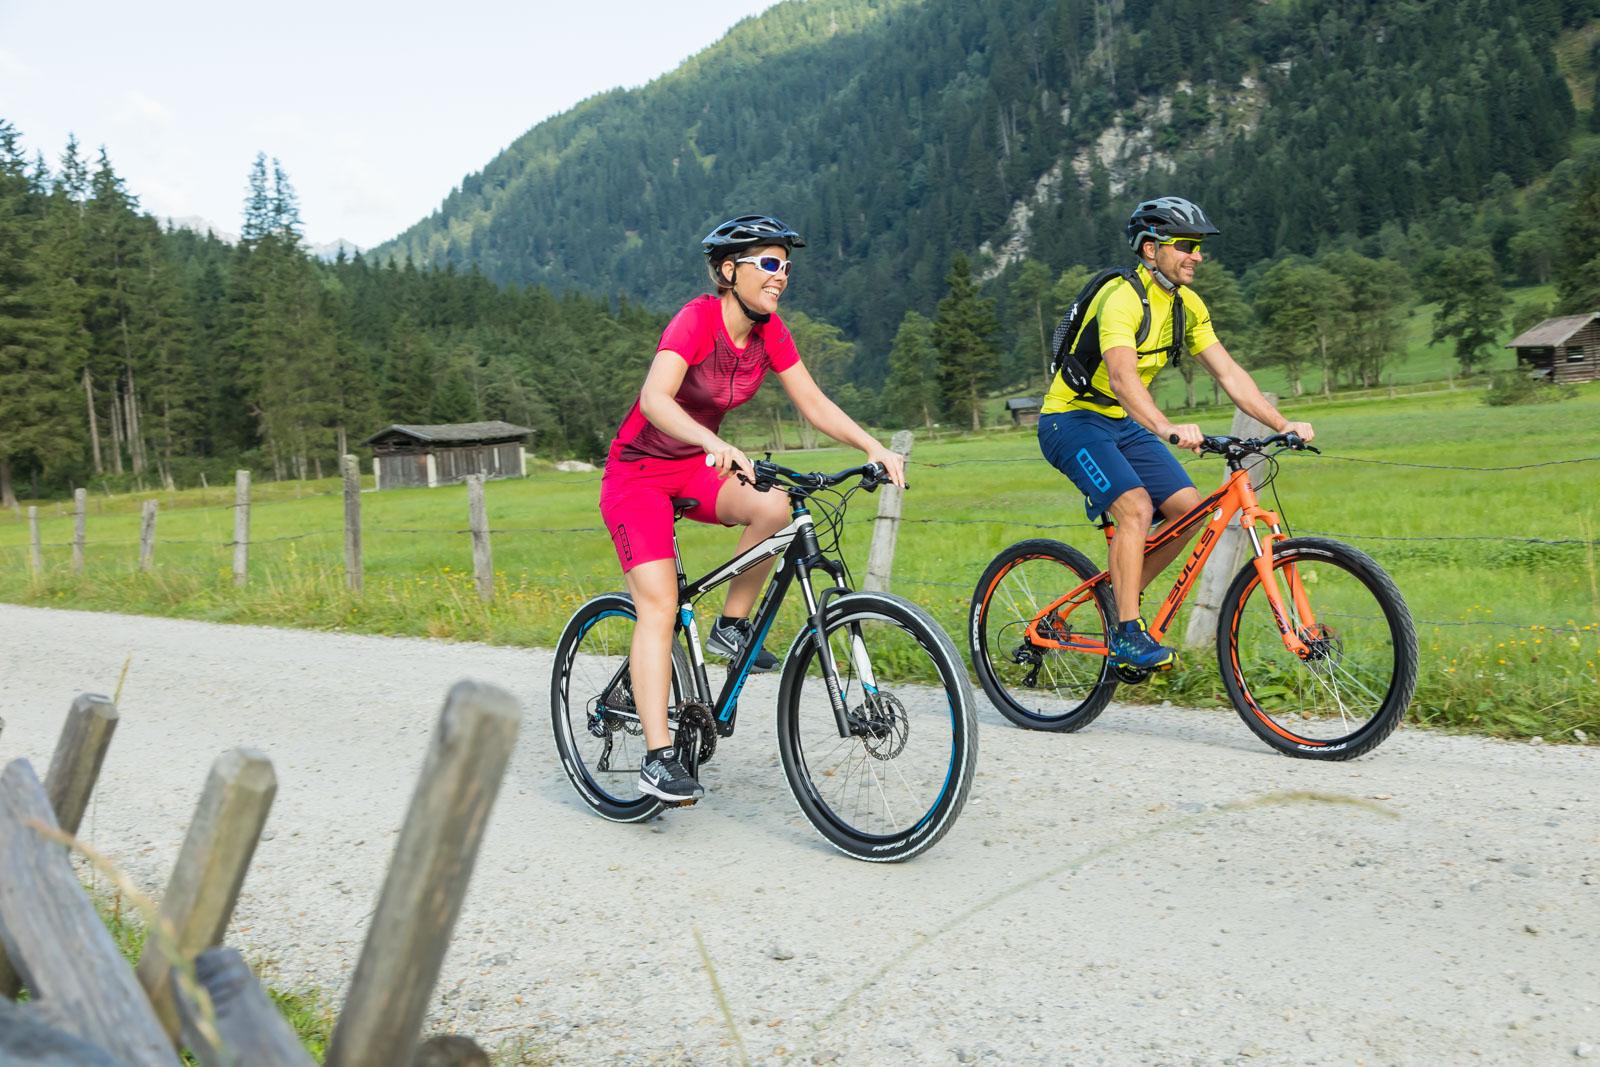 Mountainbiken in Gastein (c) Gasteinertal Tourismus GmbH, Krug (1) - Kopie